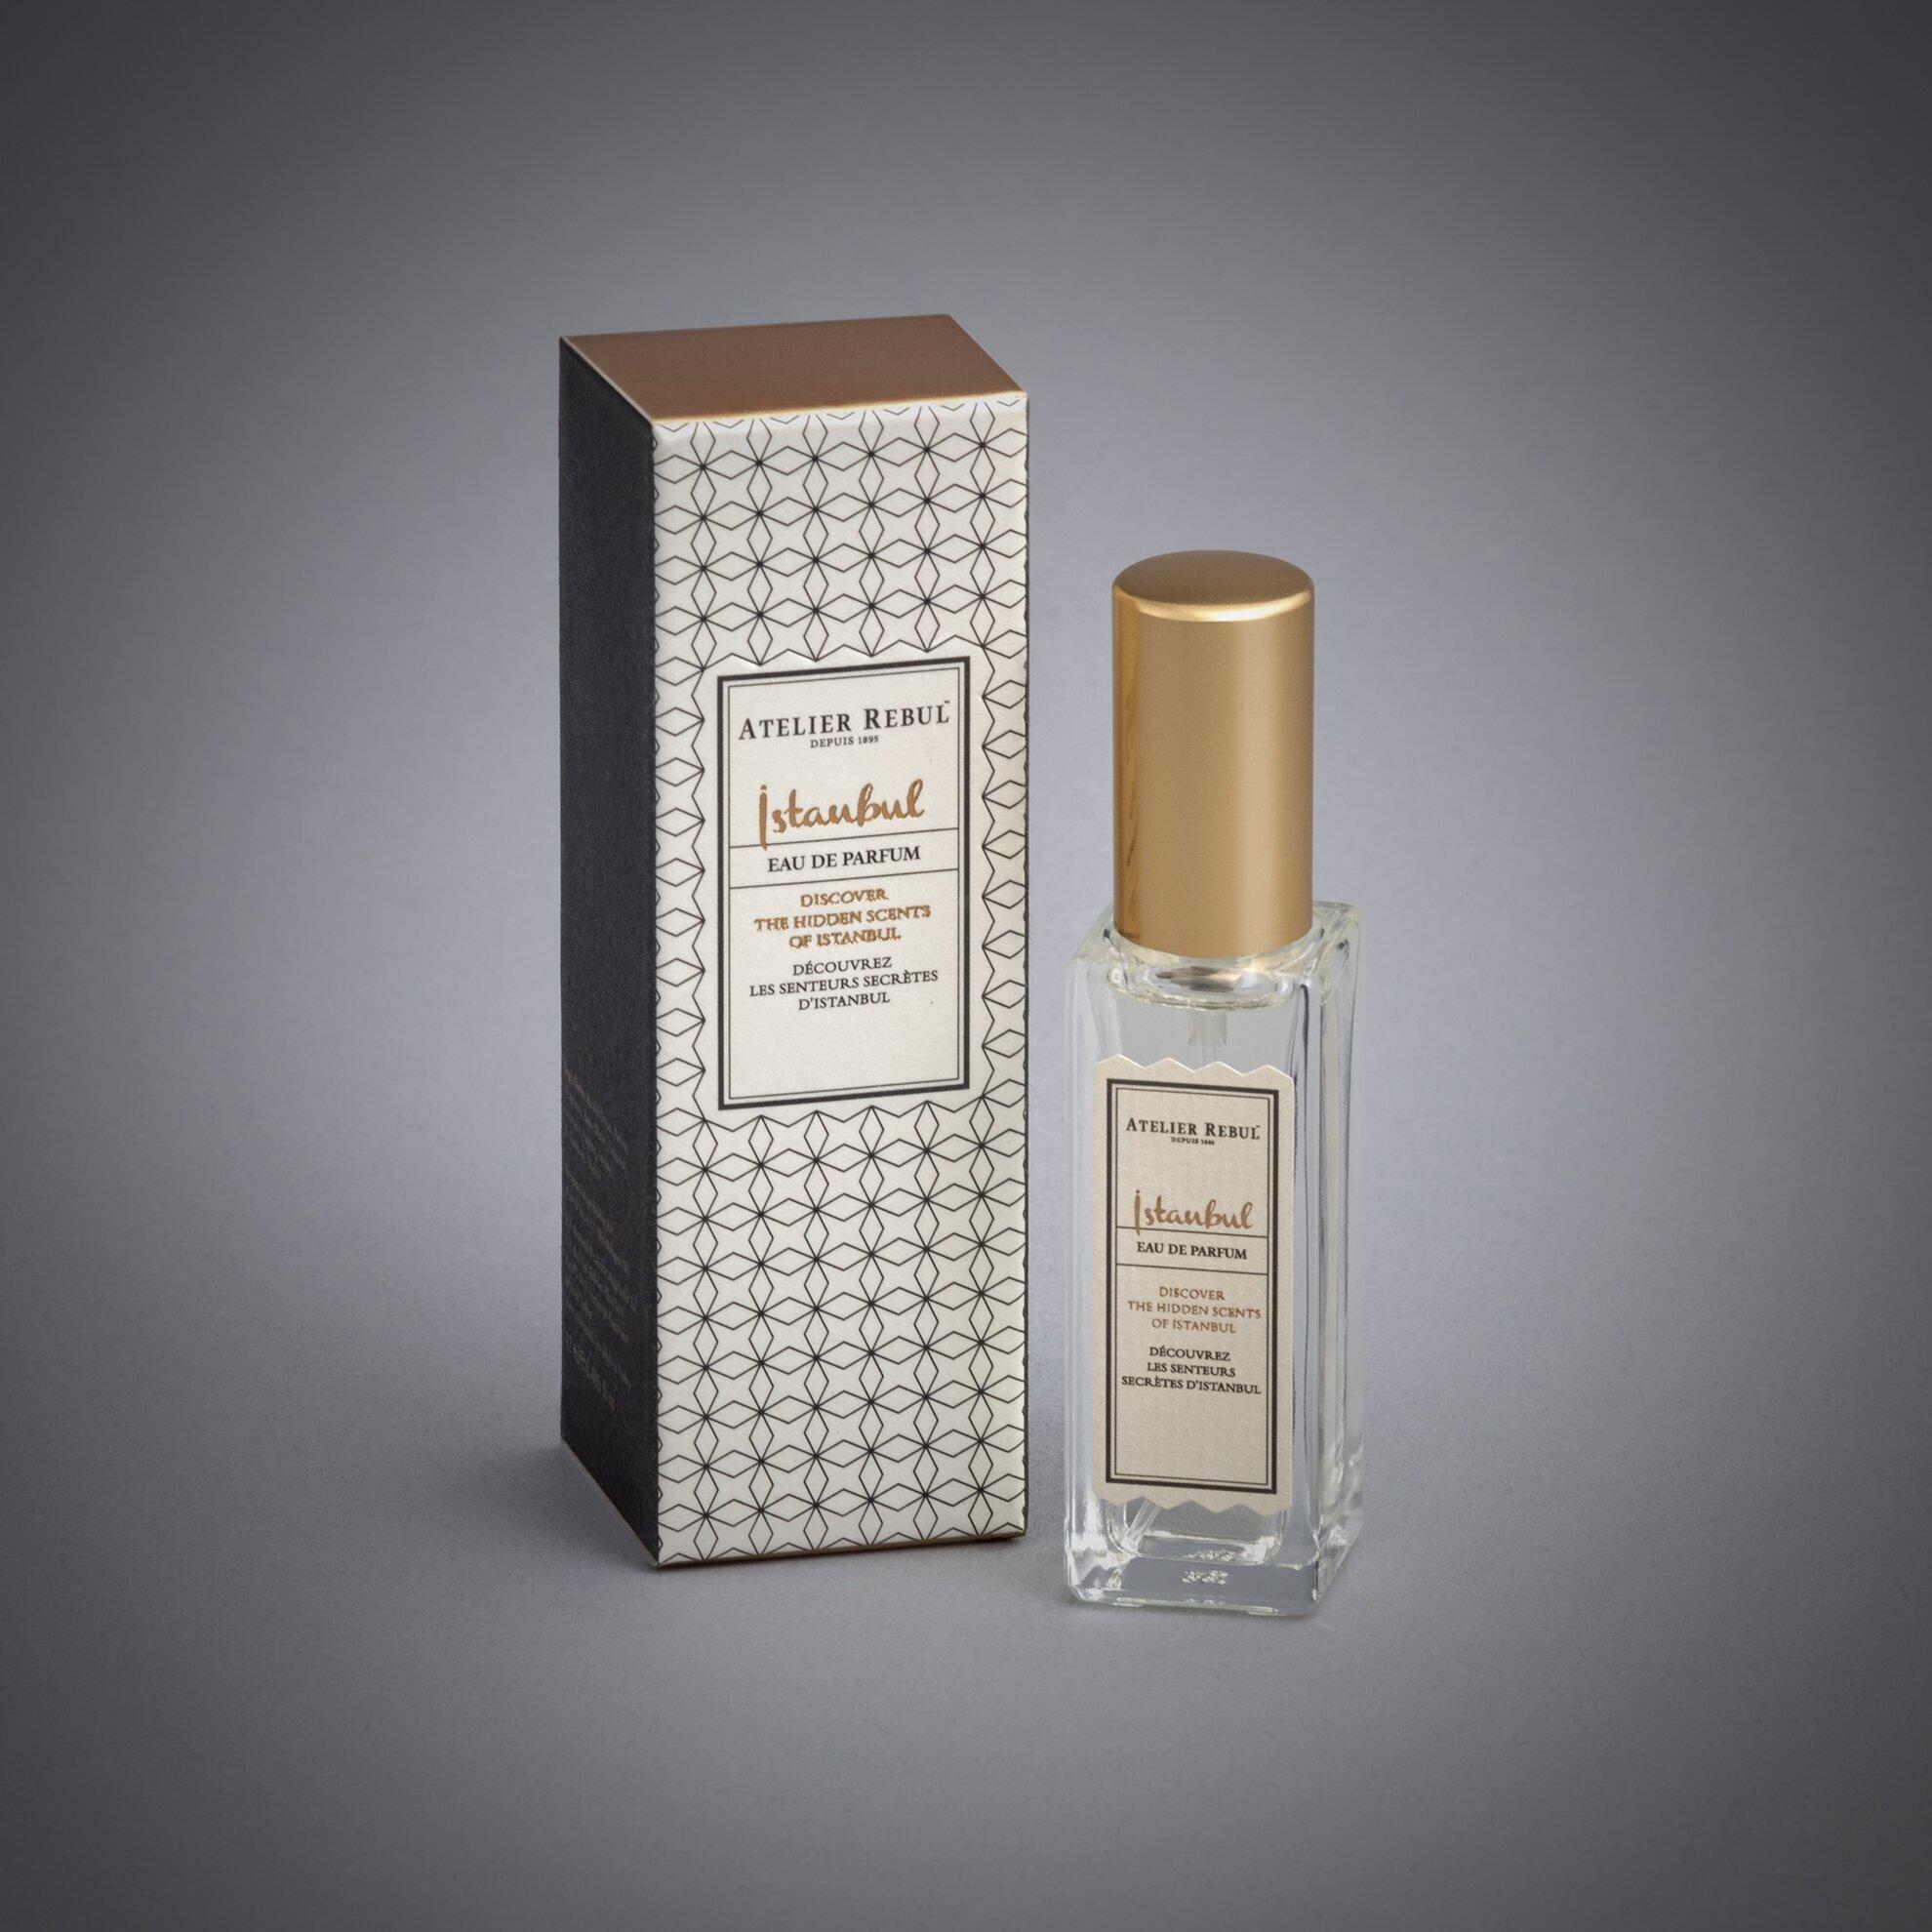 İstanbul Eau de Parfum 12 ml